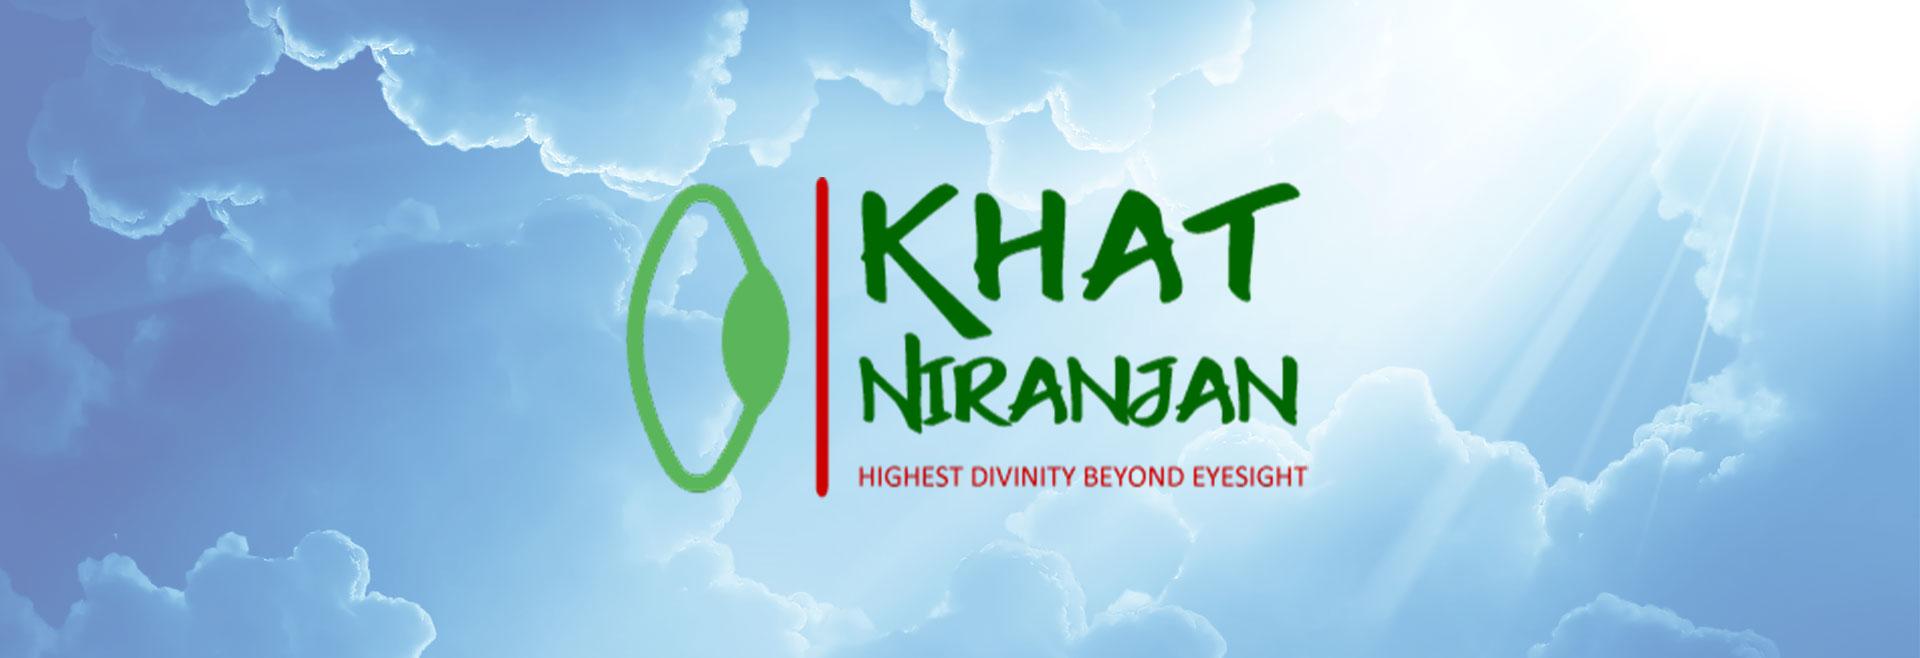 khat-niranjan